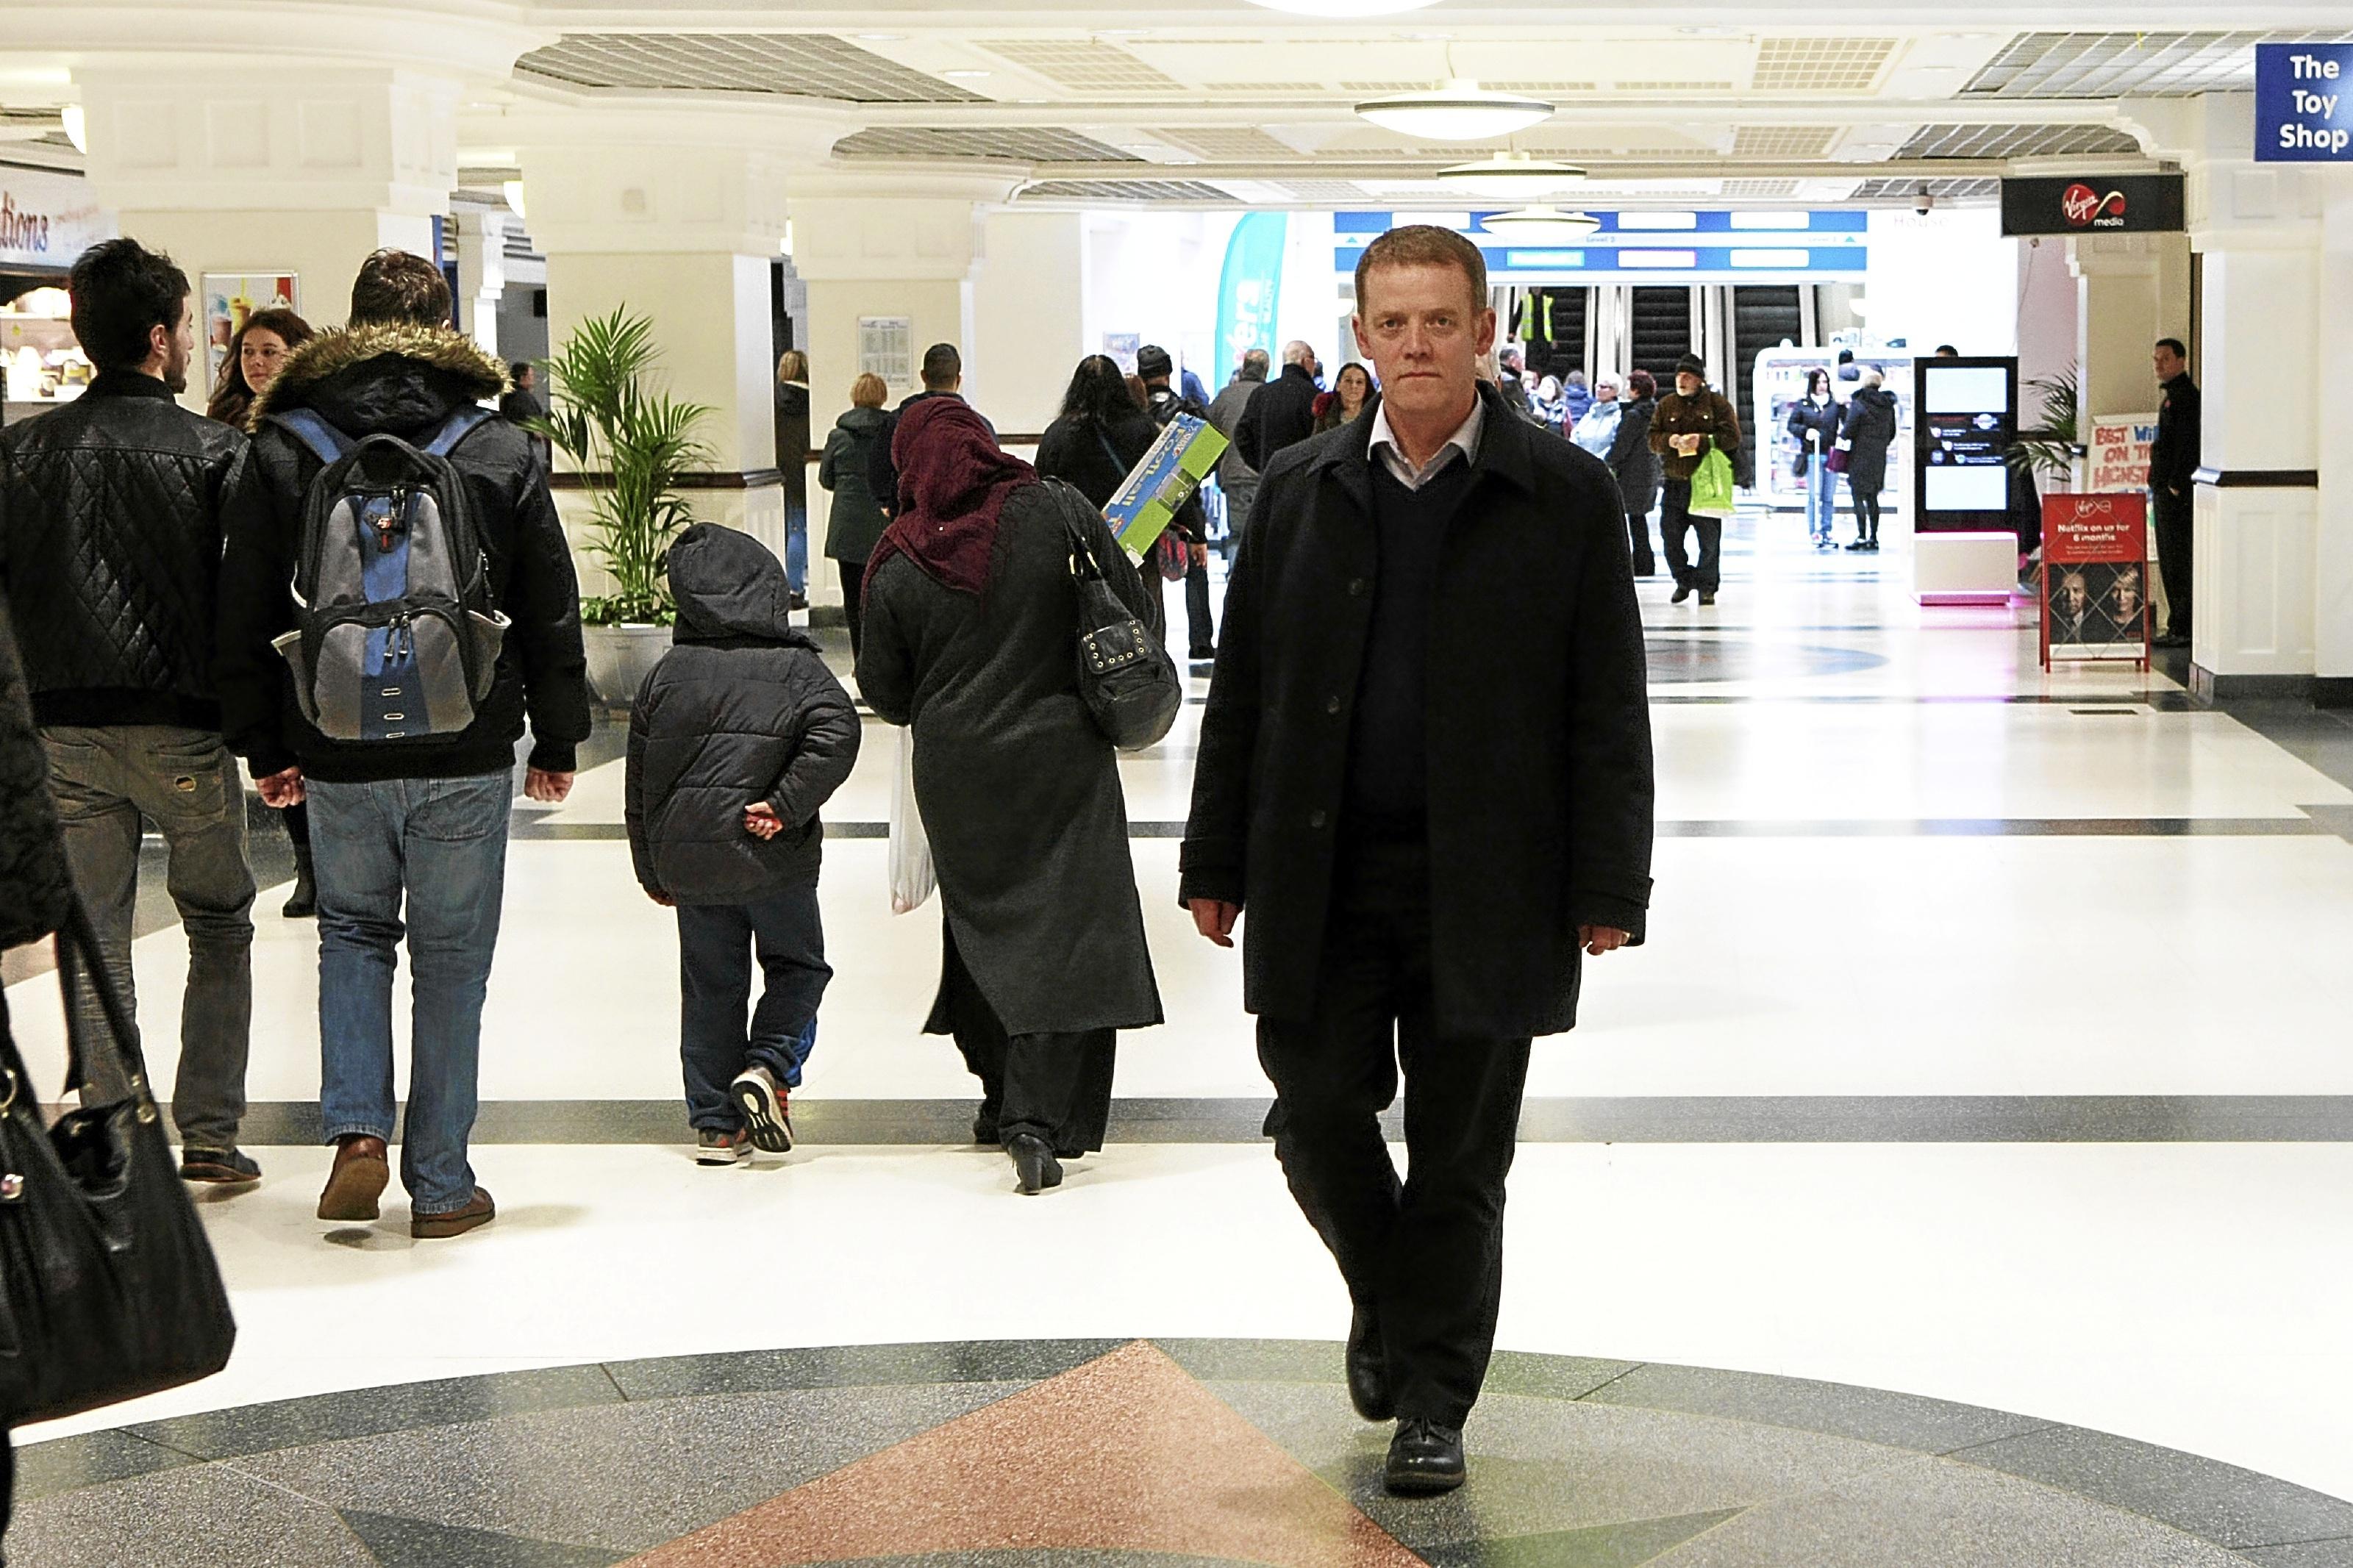 Wellgate centre manager Peter Aitken